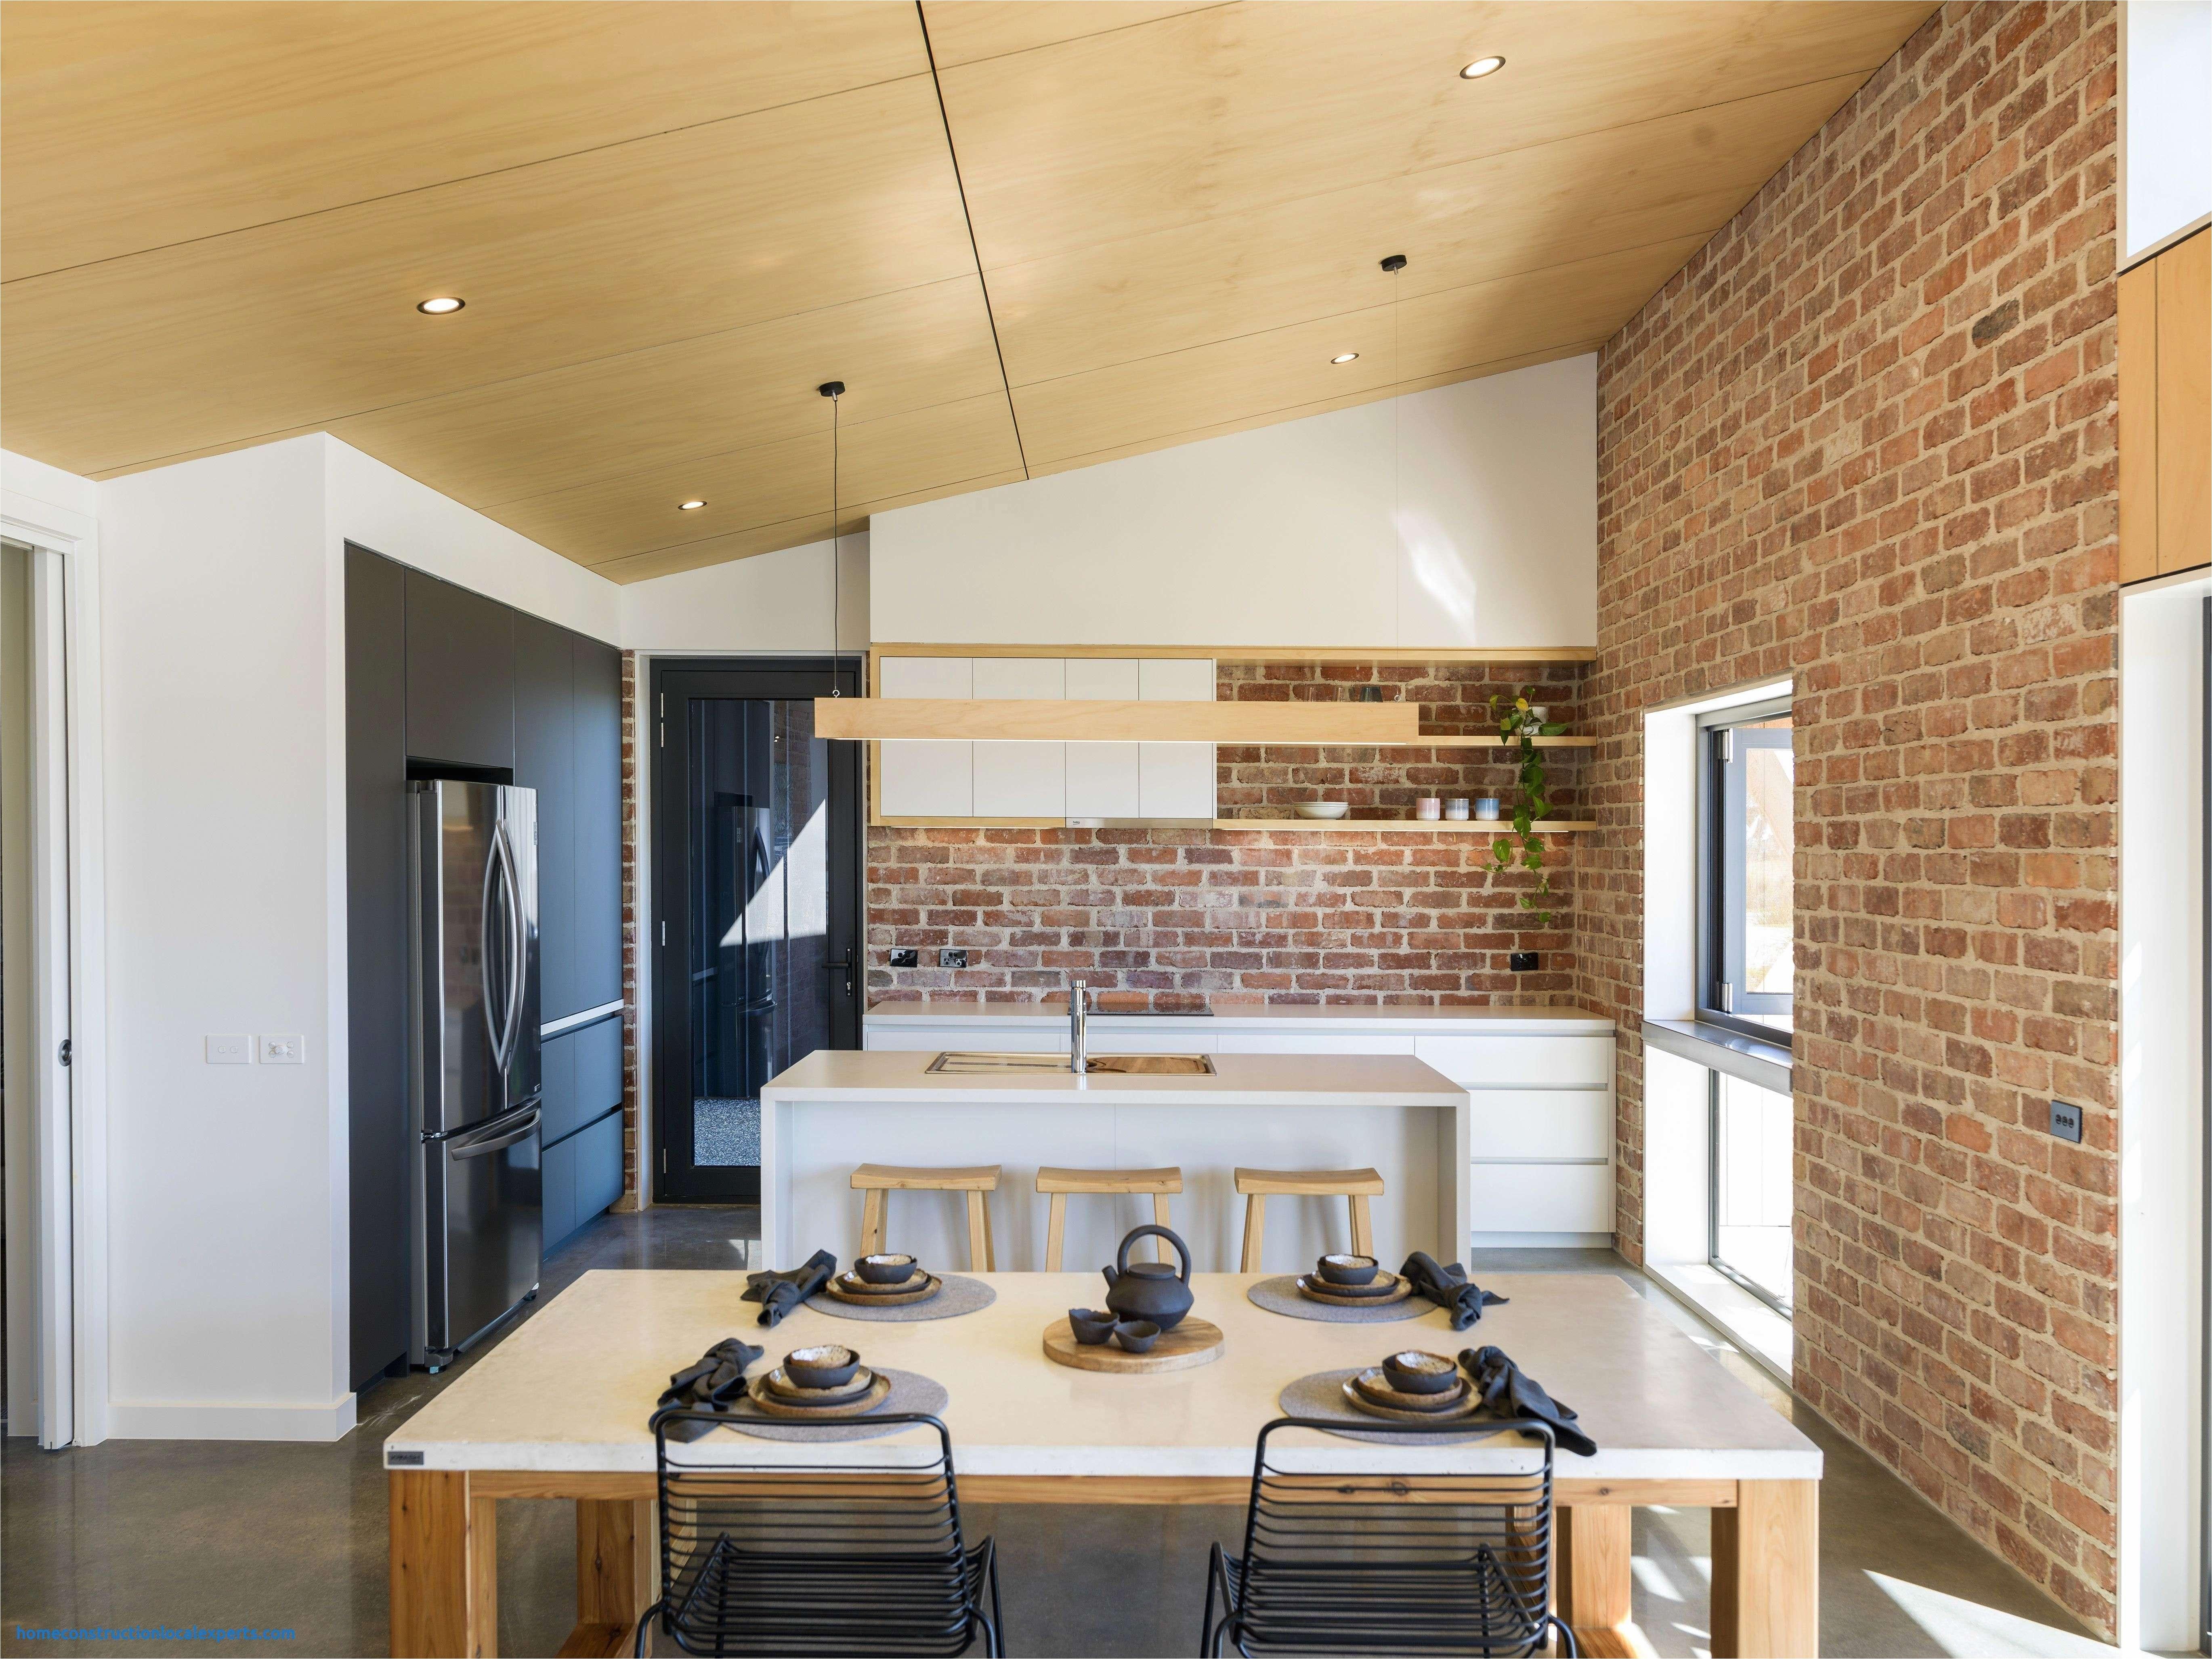 interior pictures of garage apartments gallery kitchen decor items new kitchen zeev kitchen zeev kitchen 0d